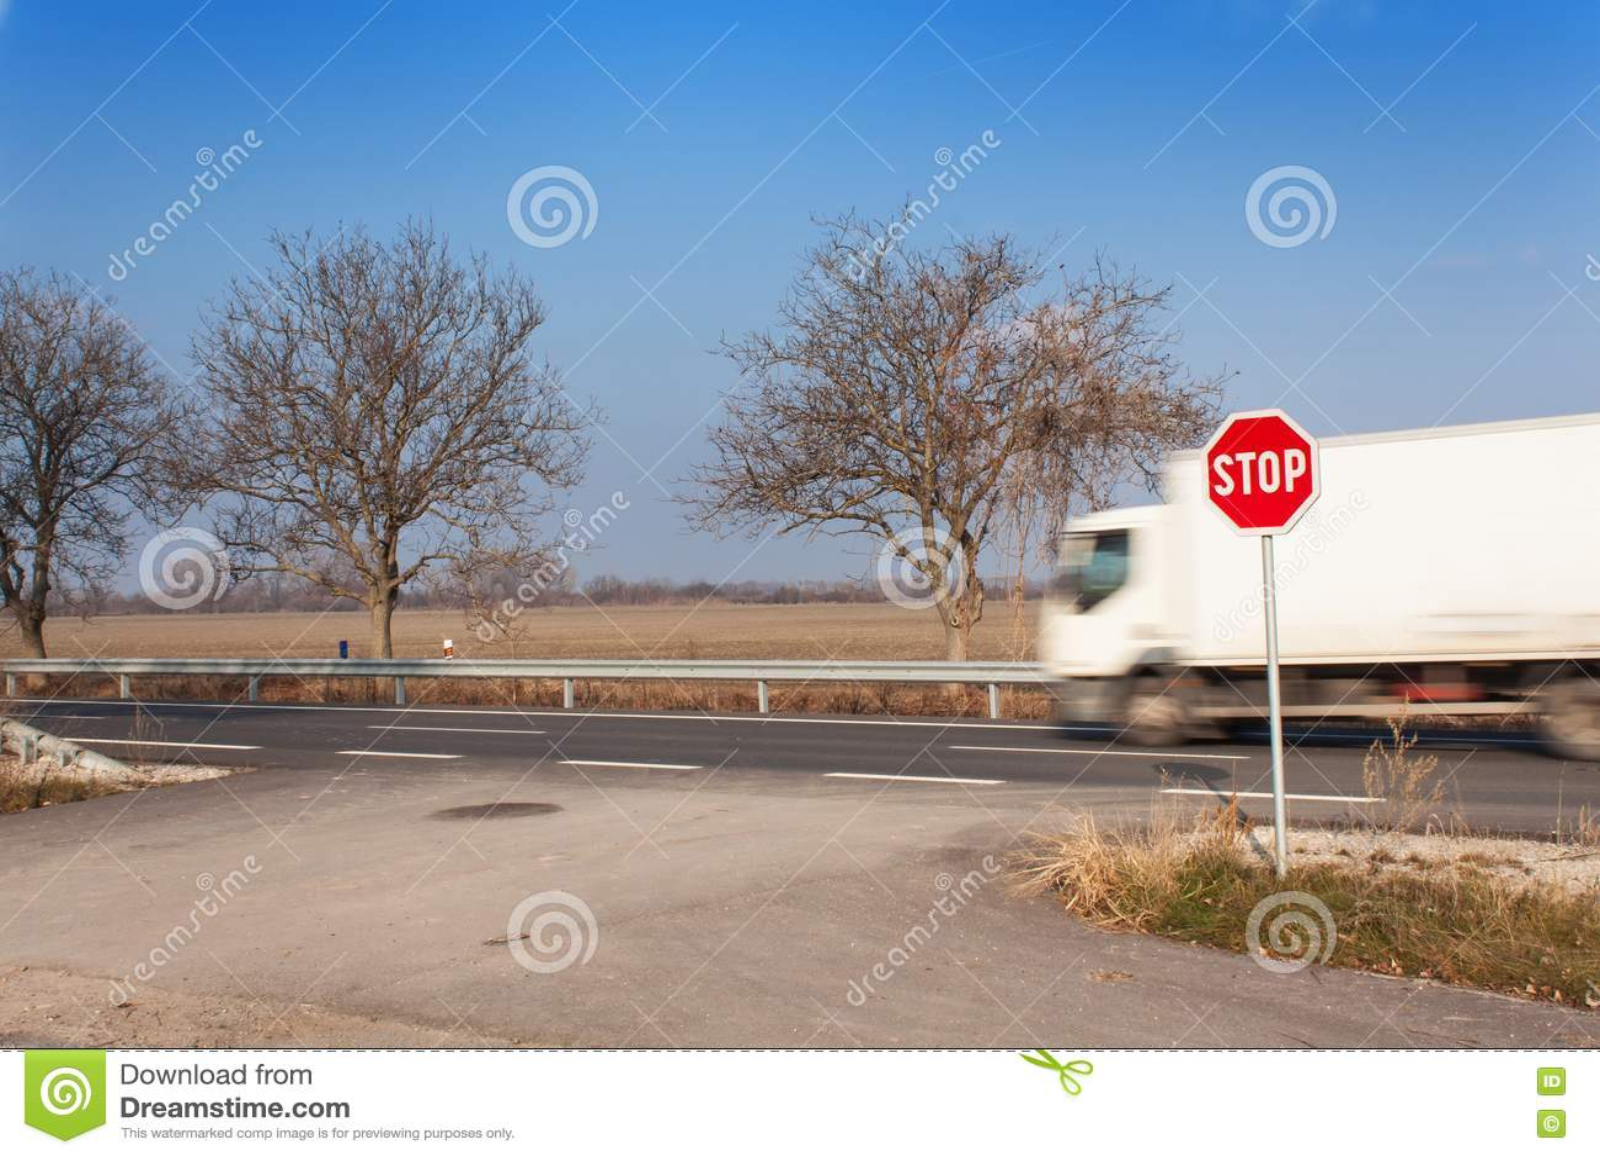 在交叉路停车牌 农村的路 退出在主路上 主路 危险路 交通标志中止